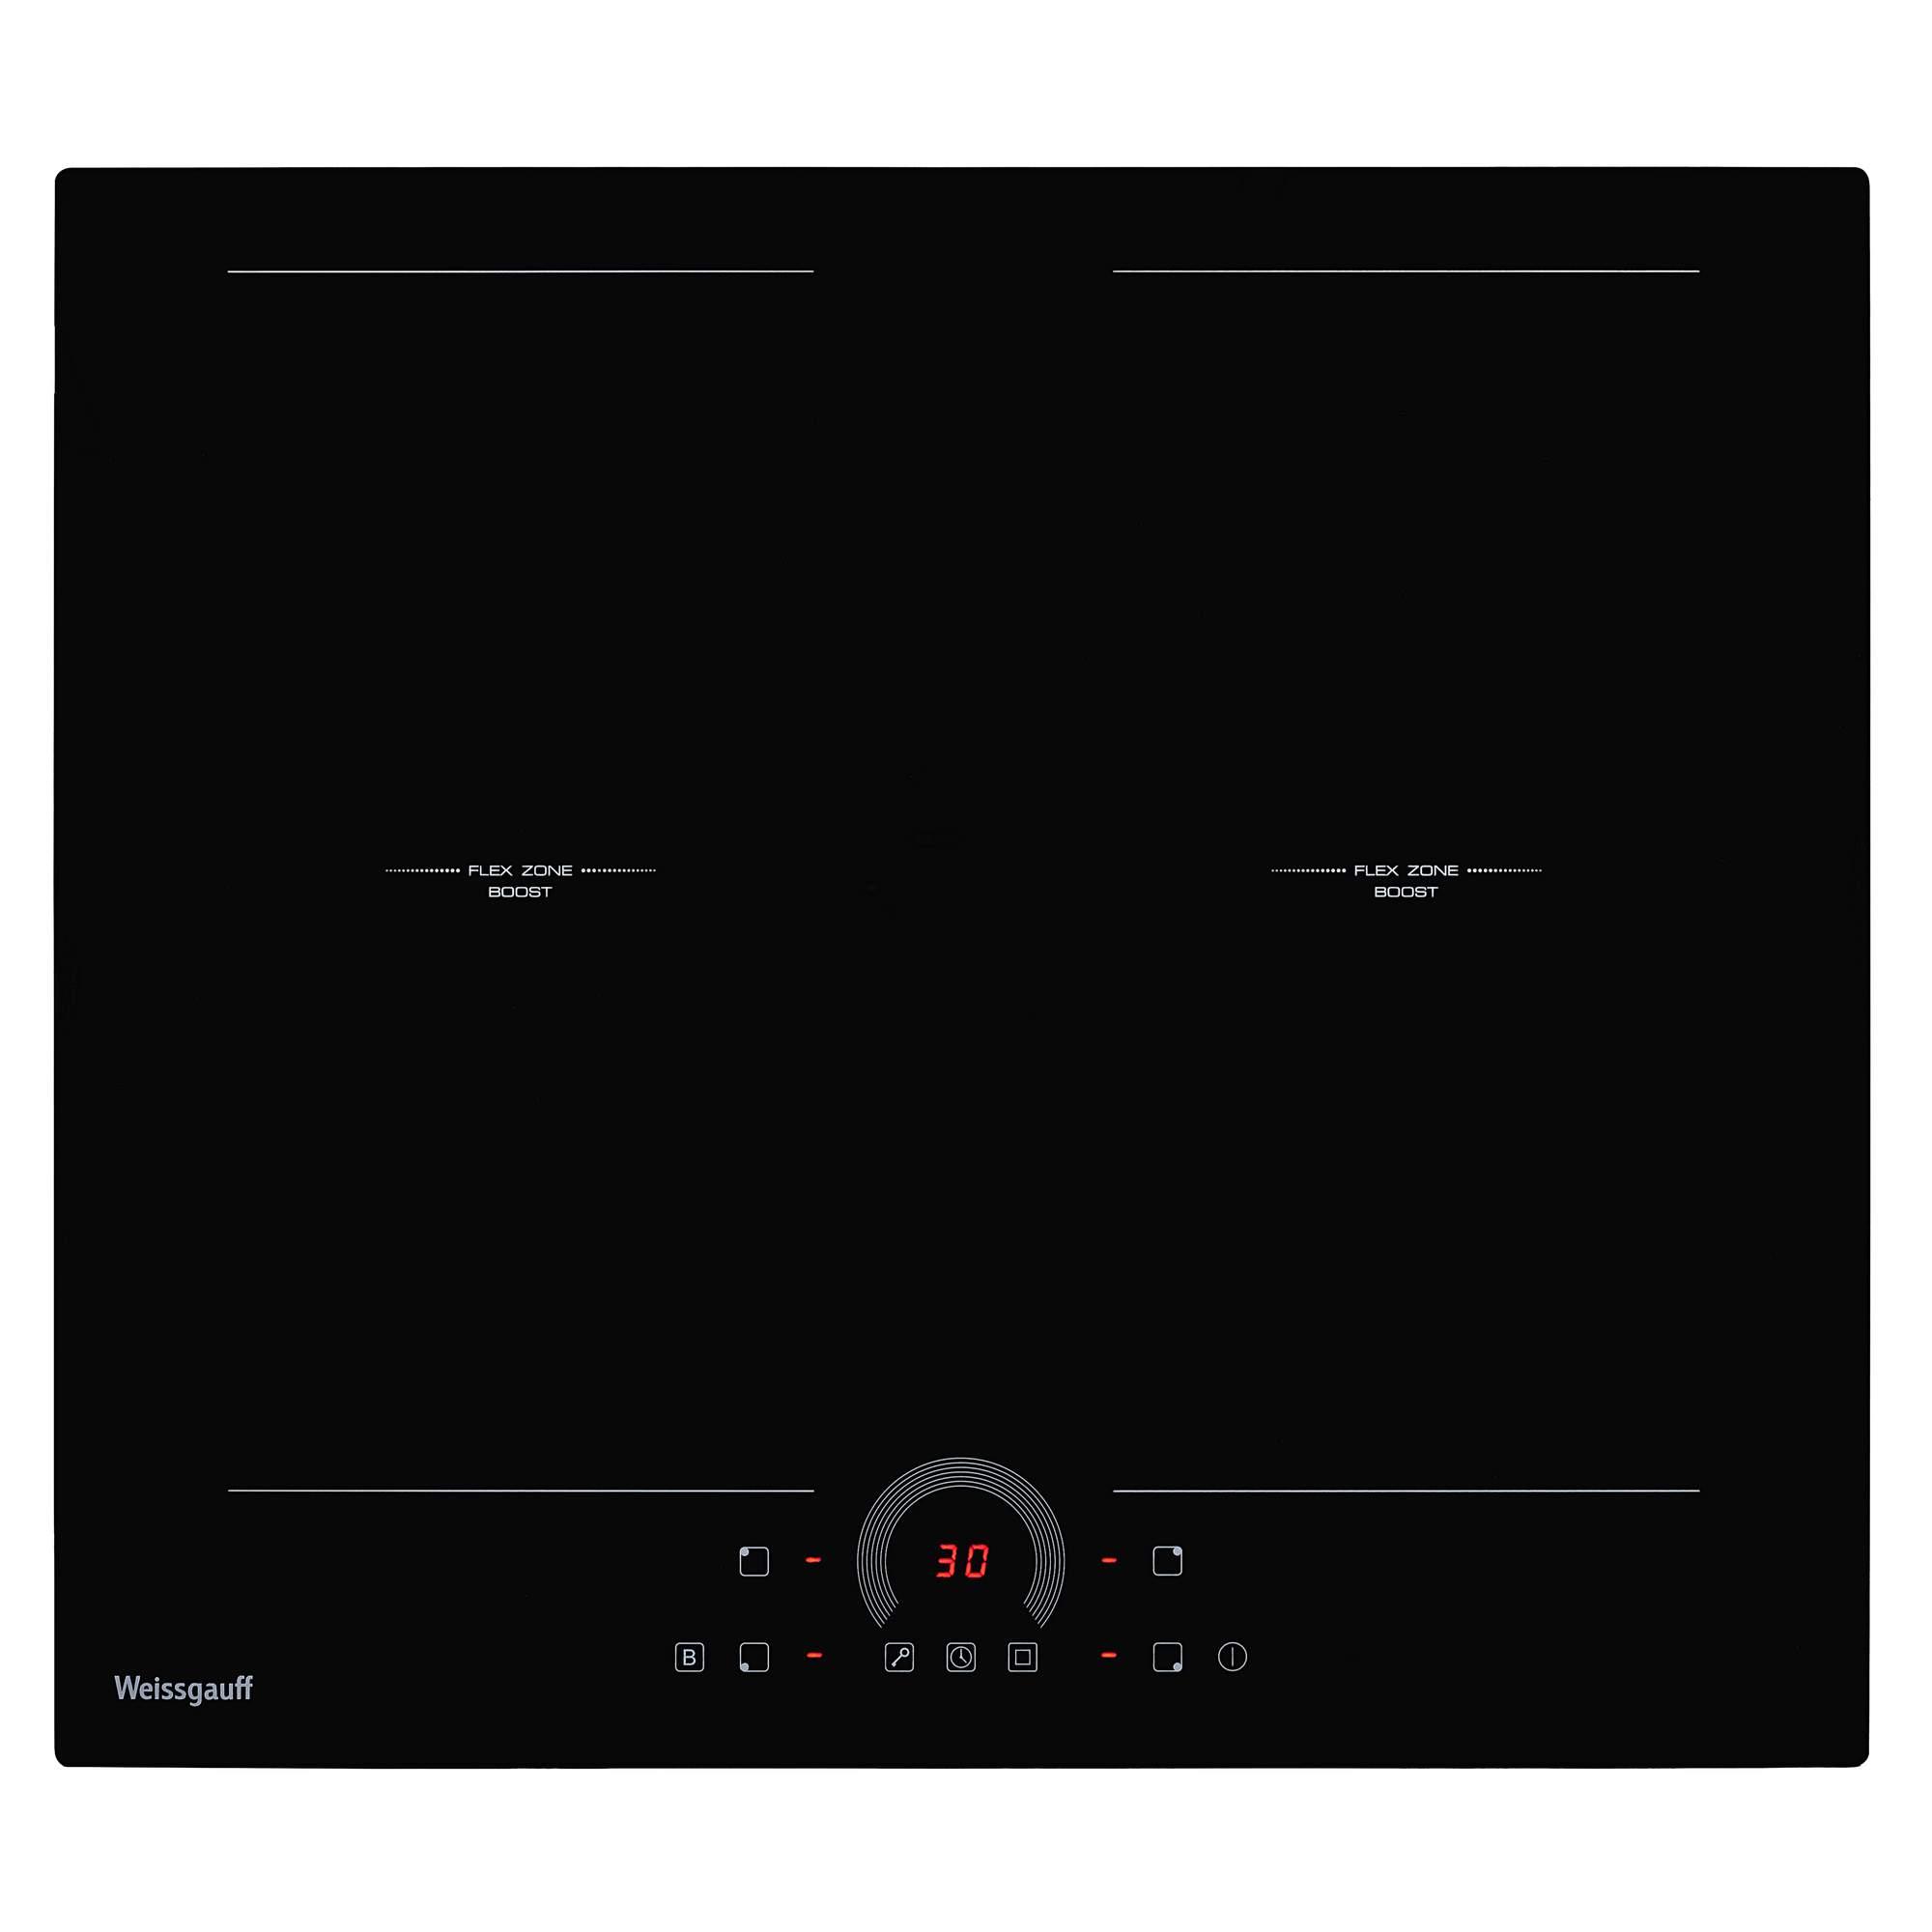 Встраиваемая варочная панель индукционная Weissgauff HI 642 BFZ Black фото